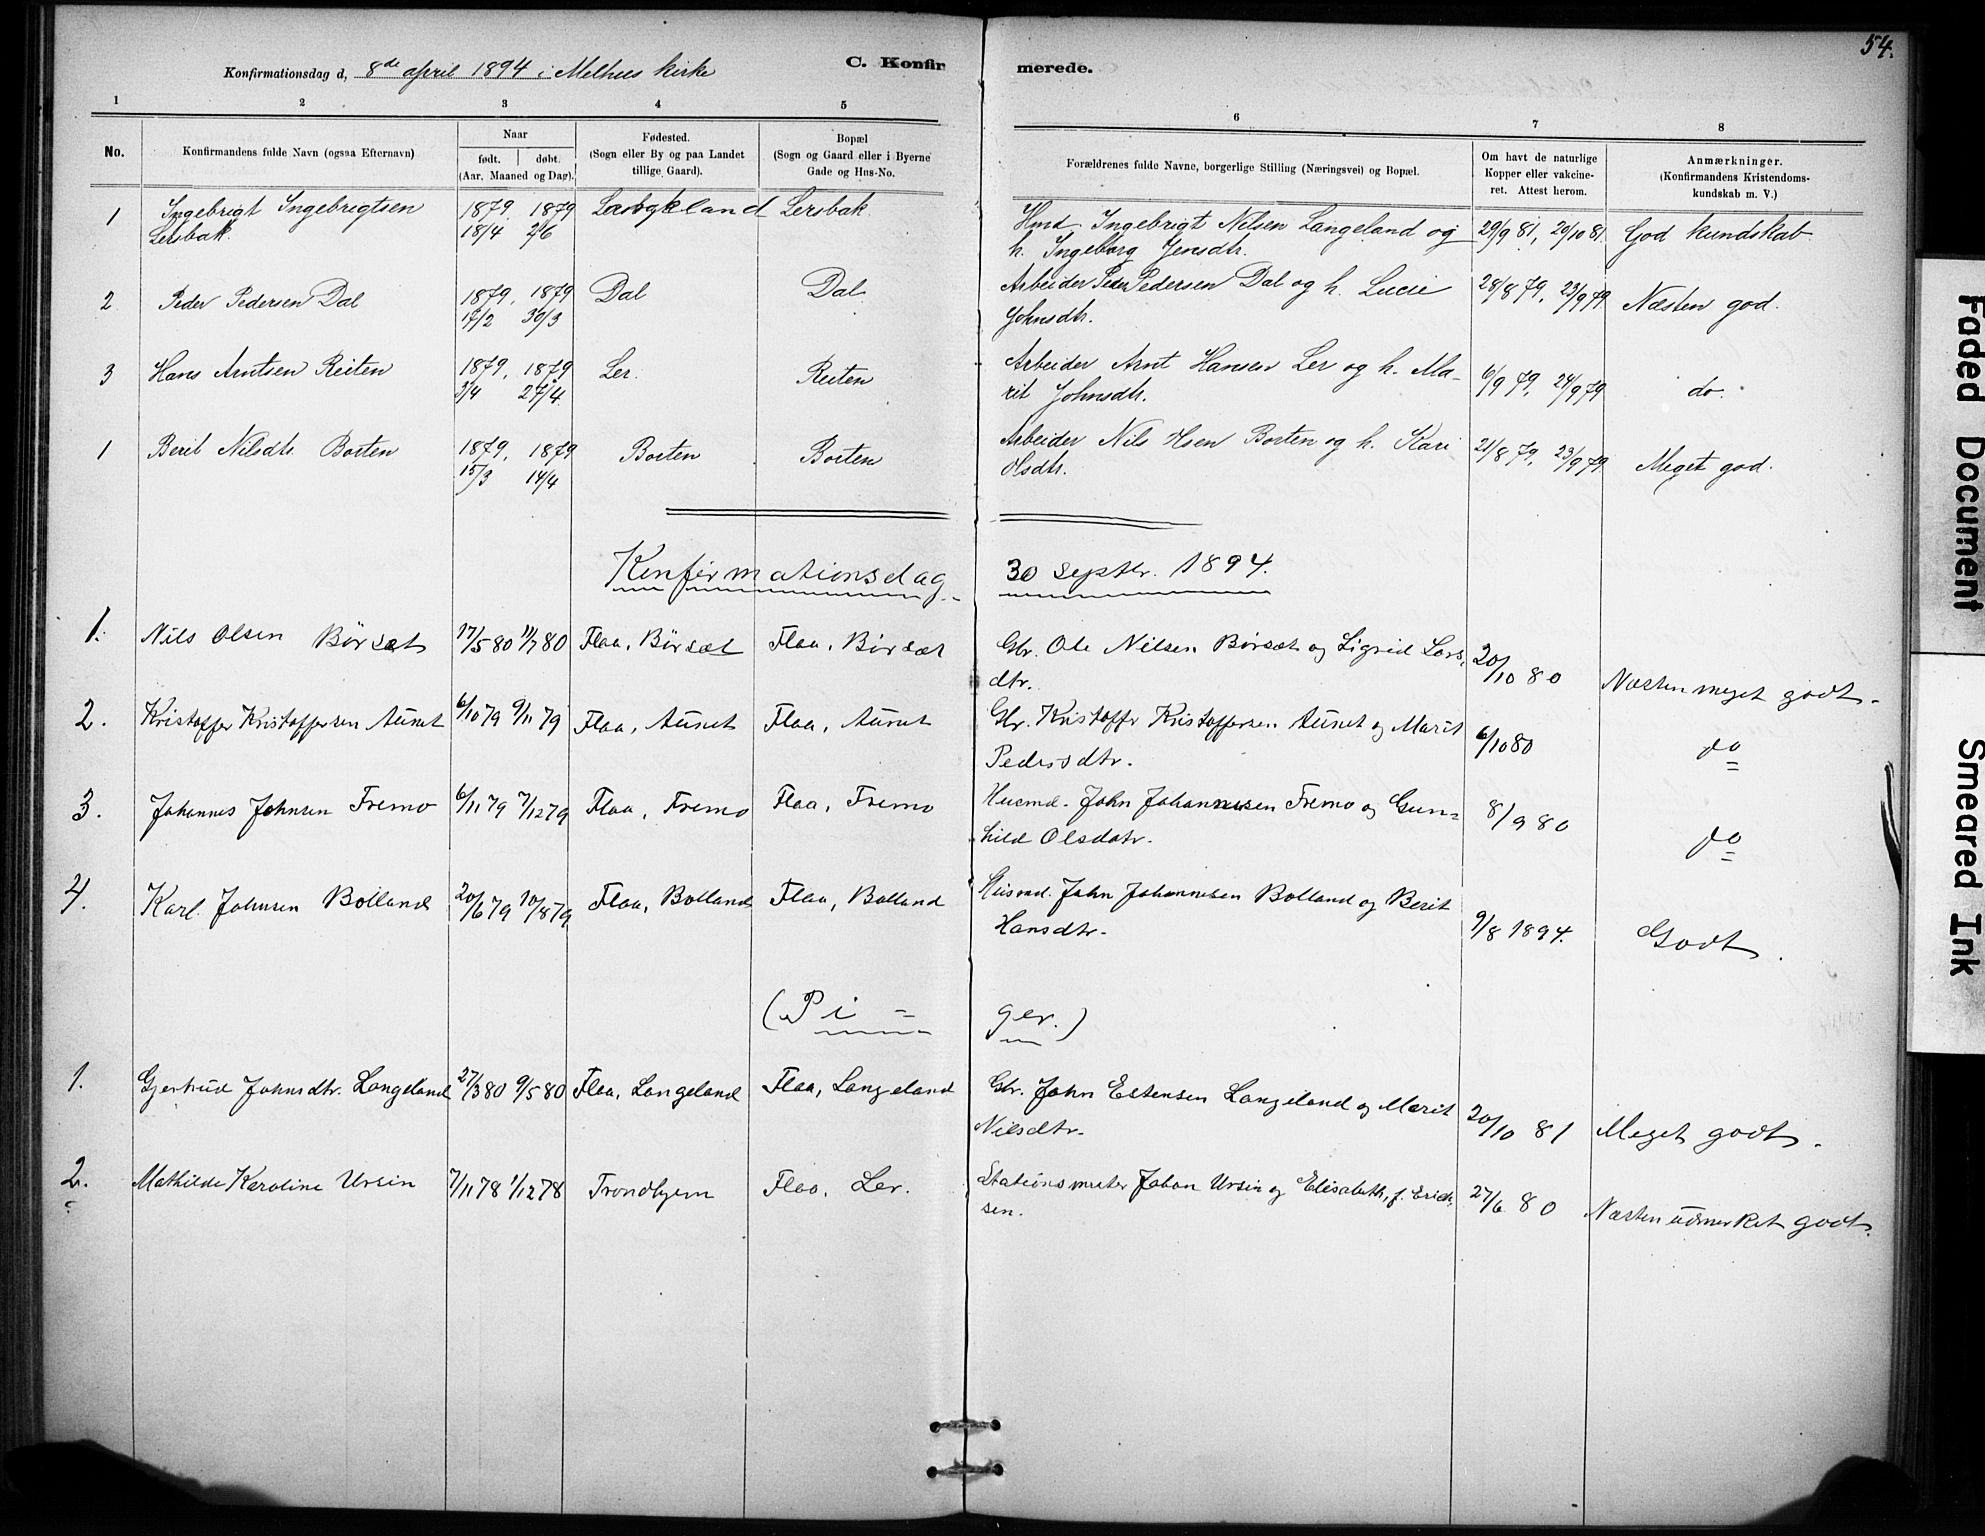 SAT, Ministerialprotokoller, klokkerbøker og fødselsregistre - Sør-Trøndelag, 693/L1119: Ministerialbok nr. 693A01, 1887-1905, s. 54